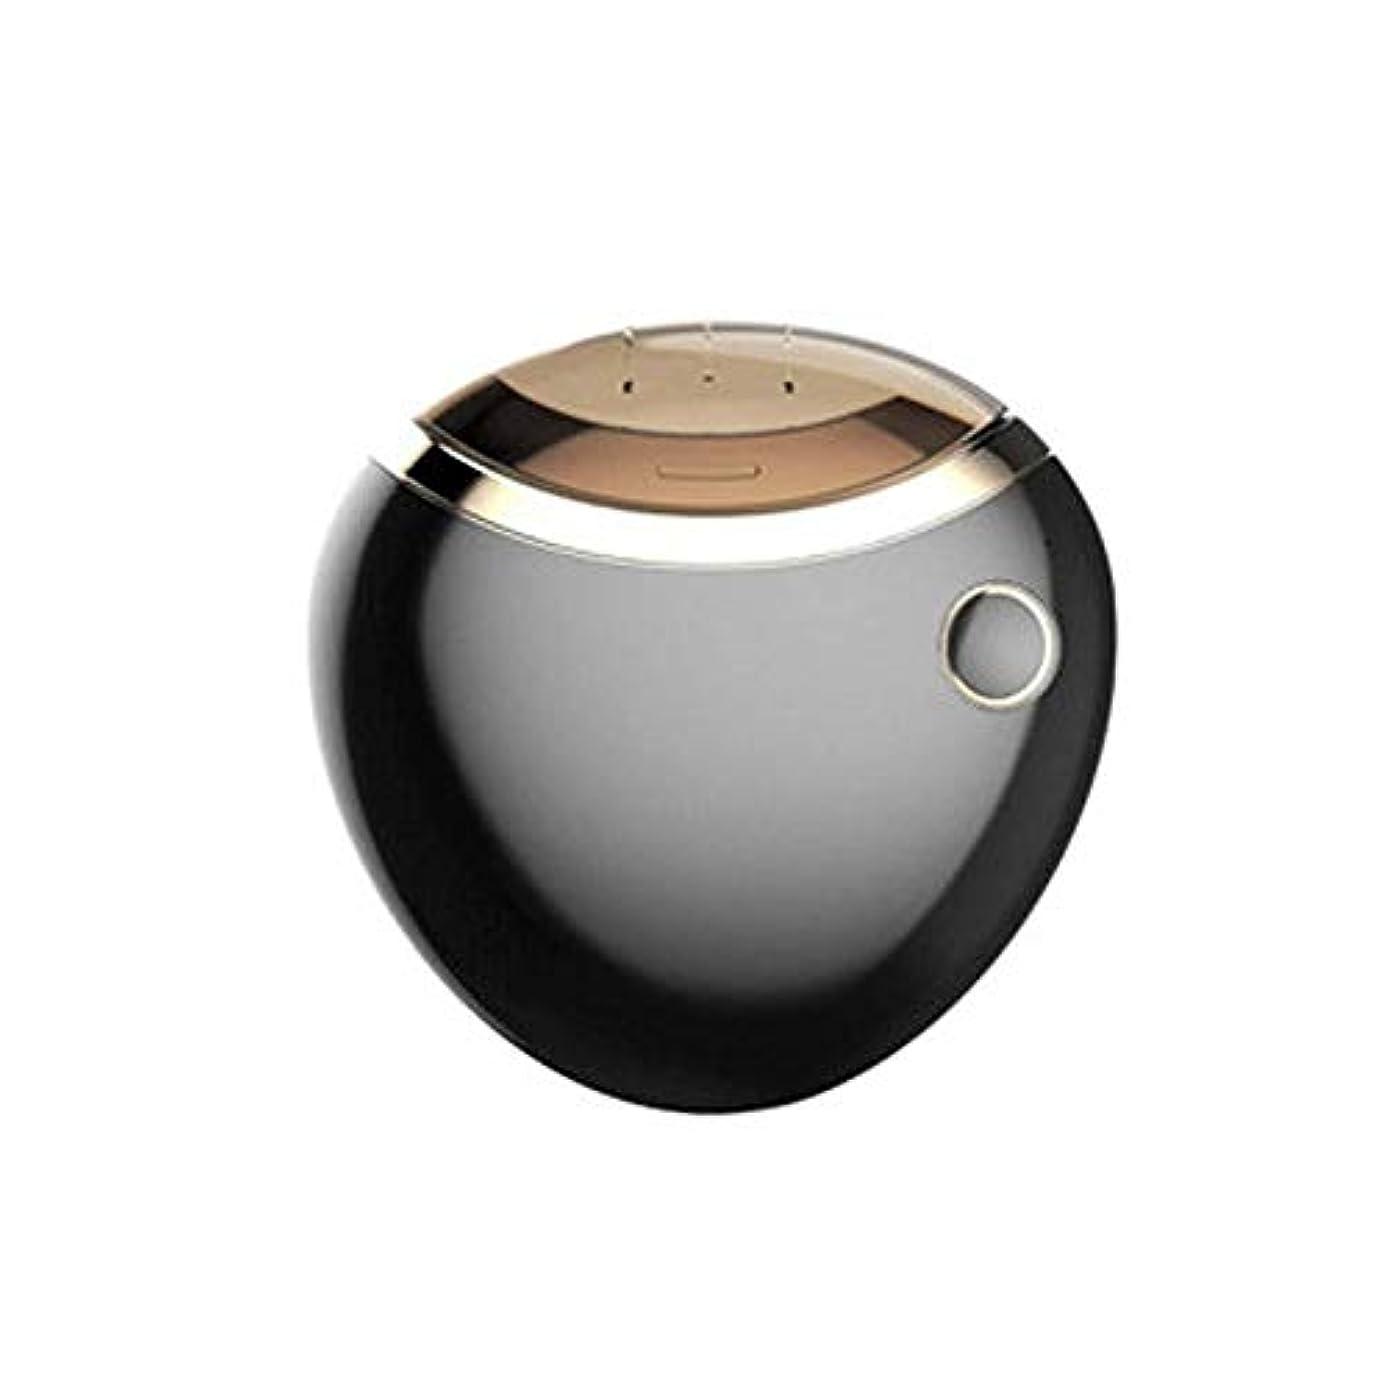 ダウン哲学的軍隊Bostar 電動爪切り 爪磨き 自動爪切り 爪ケア USB充電式 ネイルケア 男女兼用 プレゼント 高級 騒音なし 簡単安全 コンパクト ブラック